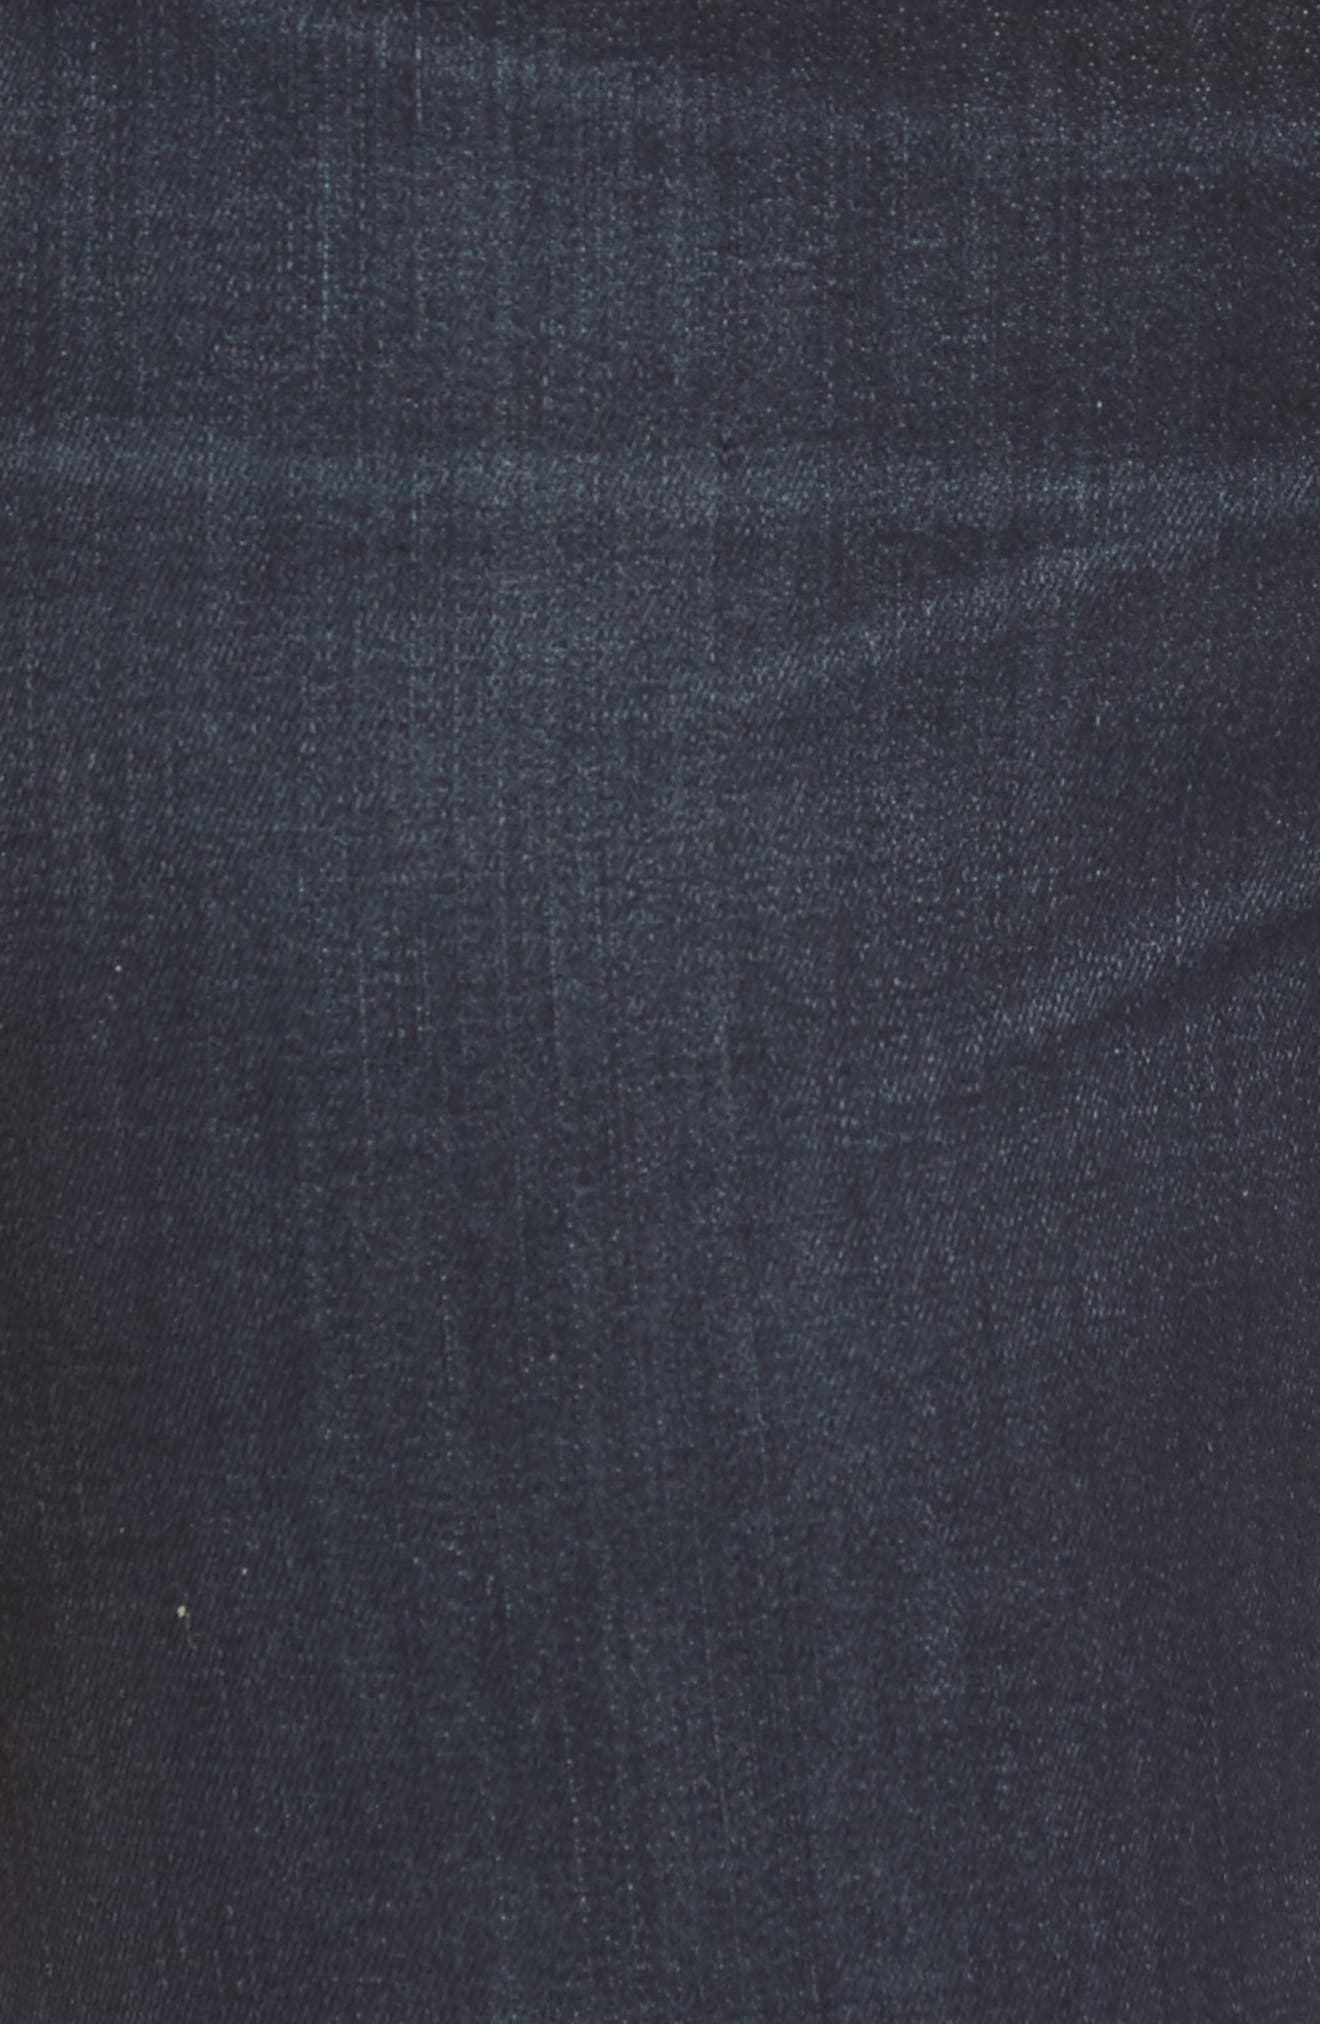 Denim Leggings,                             Alternate thumbnail 3, color,                             Utility Blue